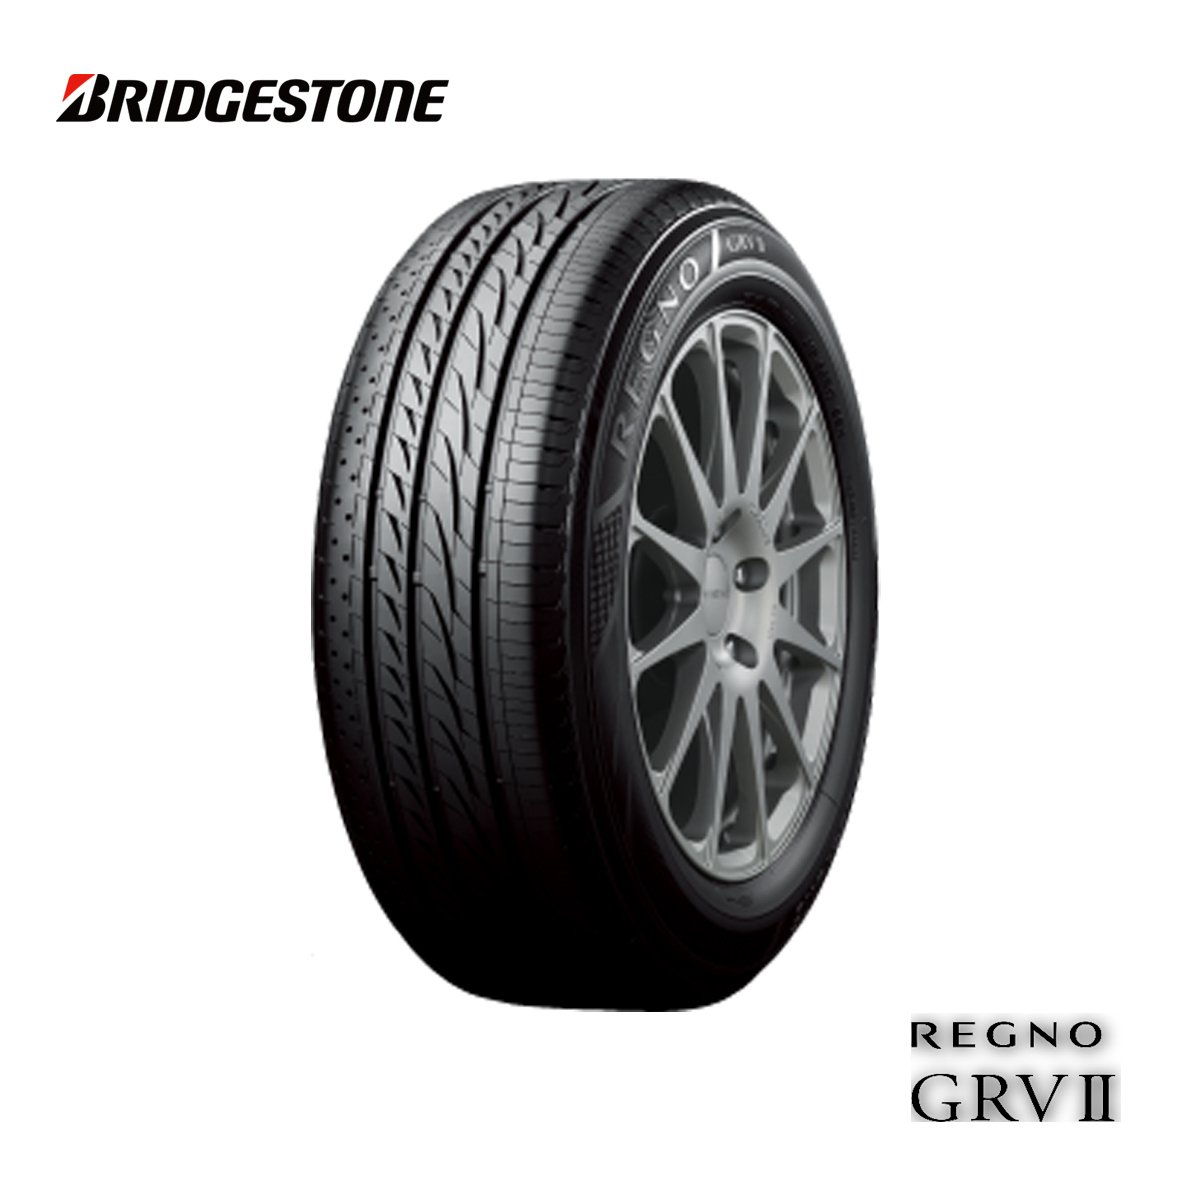 ブリヂストン BS 18インチ タイヤ 225/45R18 225 45 18 レグノ サマータイヤ 4本 低燃費 エコ 夏 サマー タイヤ BRIDGESTONE REGNO GRVII GRV2